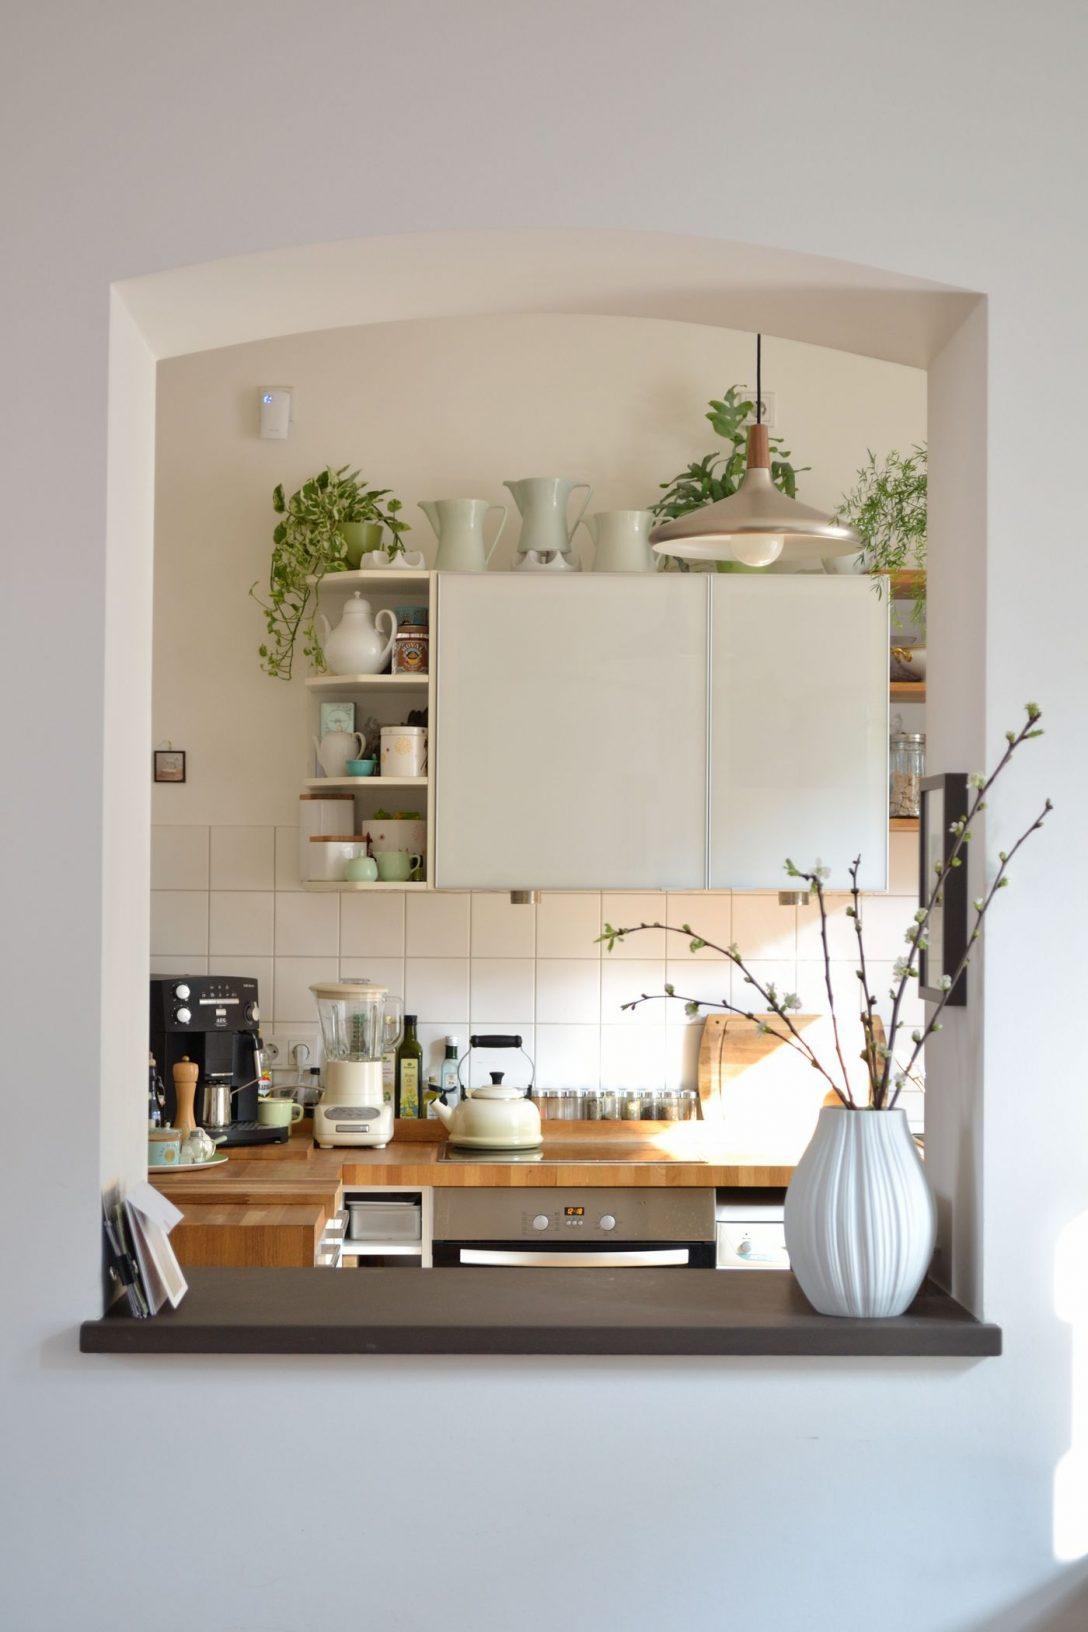 Large Size of Ikea Küchen Küche Kaufen Betten Bei Miniküche Kosten Modulküche Regal 160x200 Sofa Mit Schlaffunktion Wohnzimmer Ikea Küchen